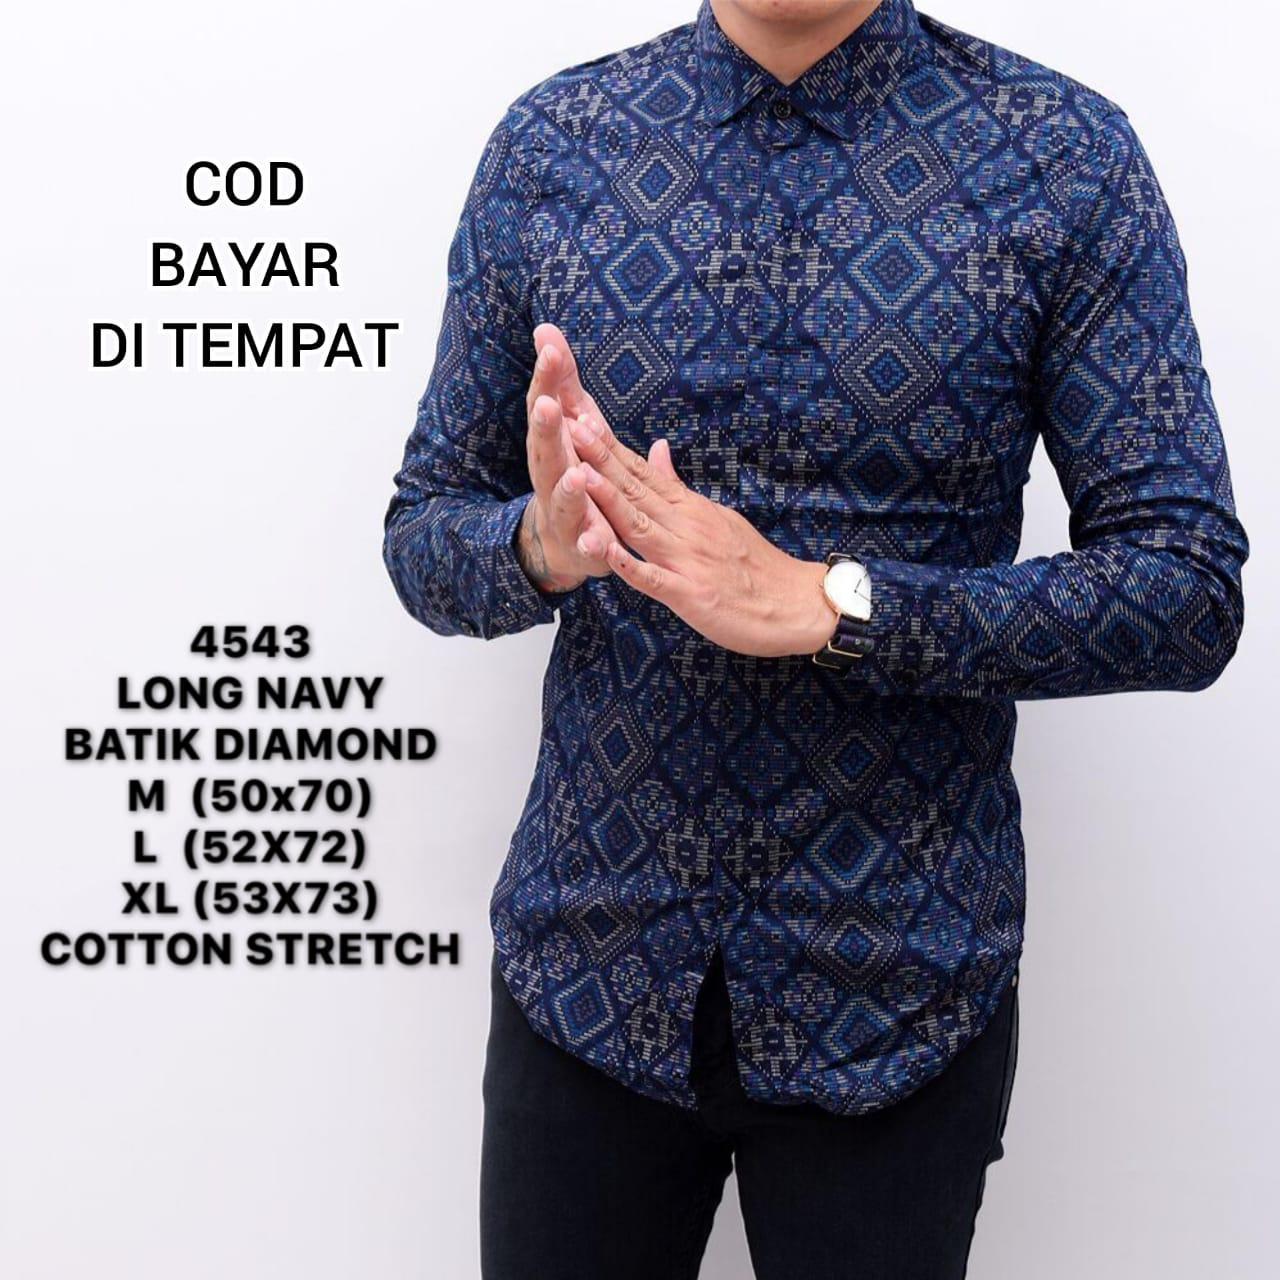 Kemeja batik songket pria murah/baju resmi cowok slimfit/batik songket pria distro premium diamond